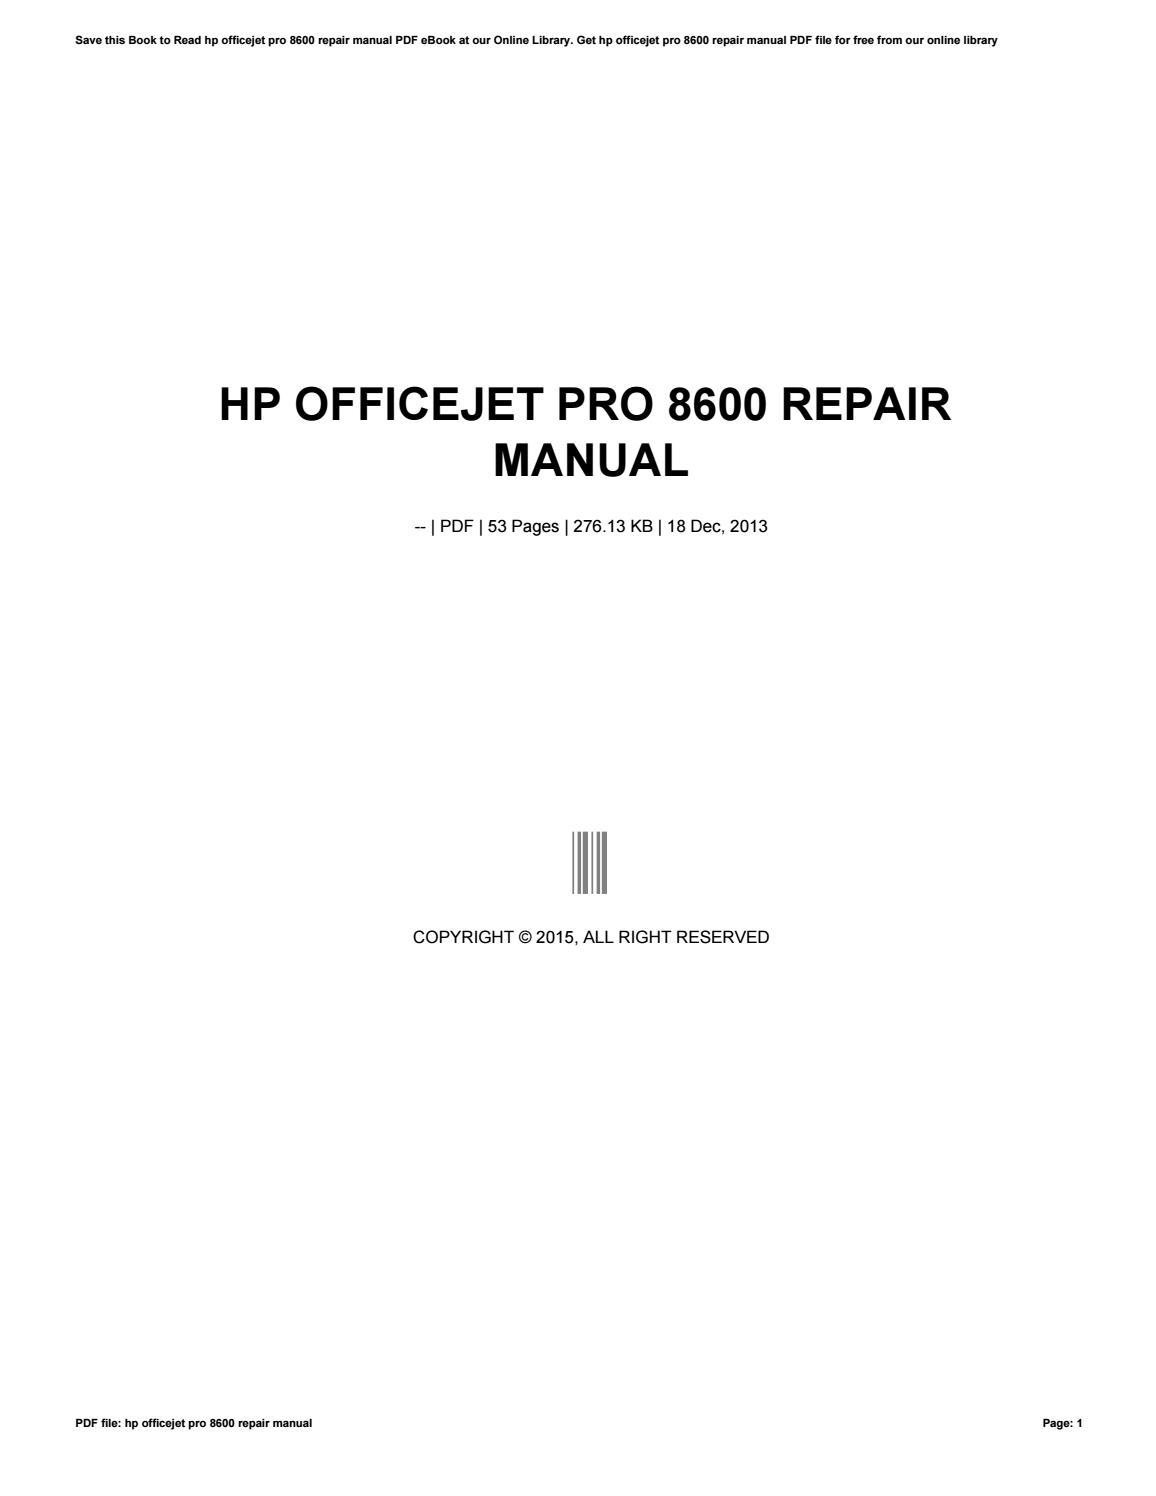 Officejet pro 8600 manual ebook hp officejet array hp officejet pro 8600 repair manual by v460 issuu rh issuu fandeluxe Images